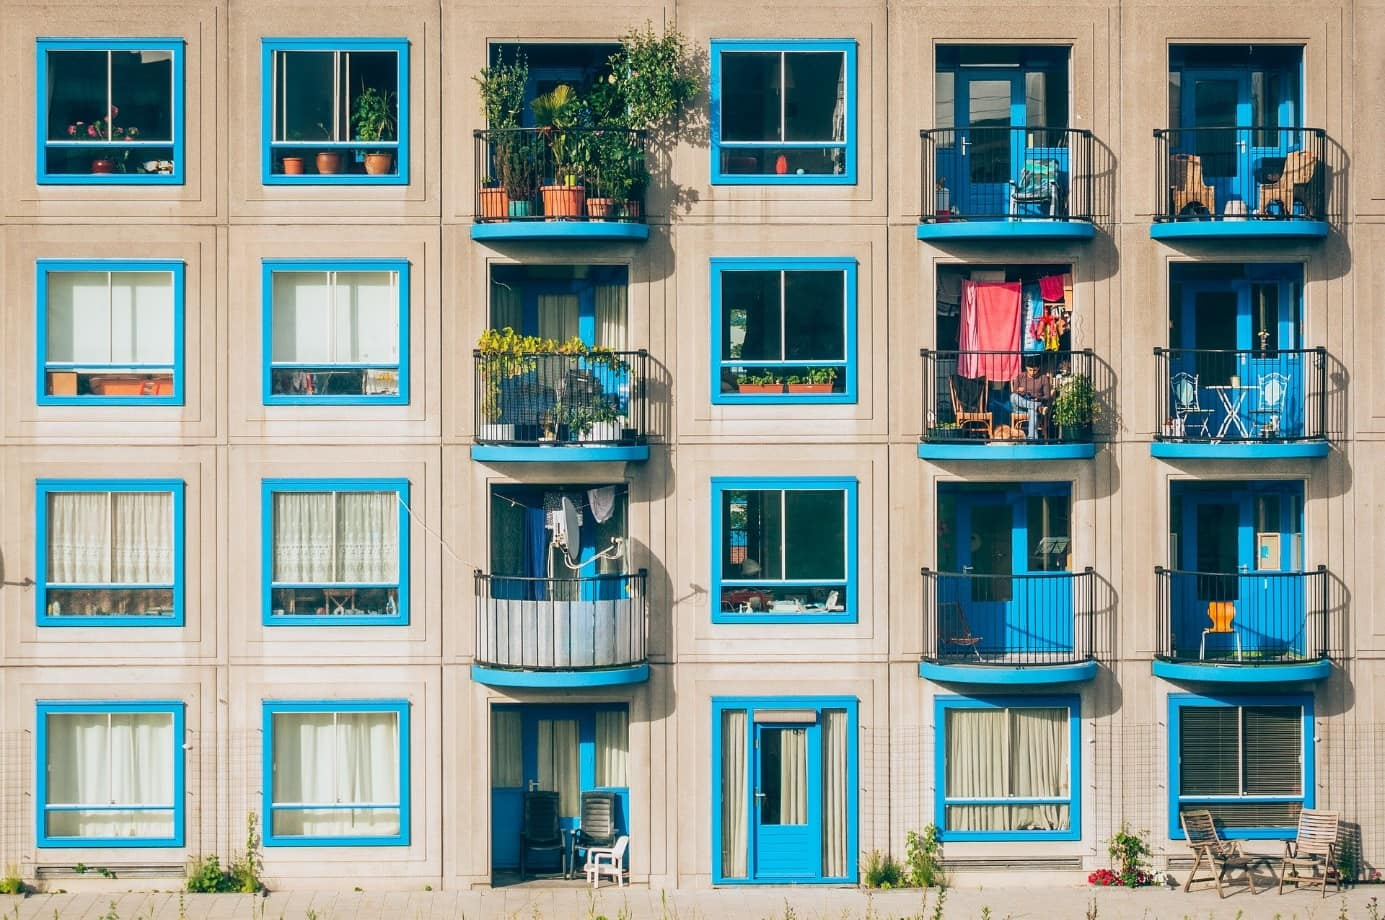 investissement dans immobilier - Comment investir dans l'immobilier à Milly-la-Forêt?